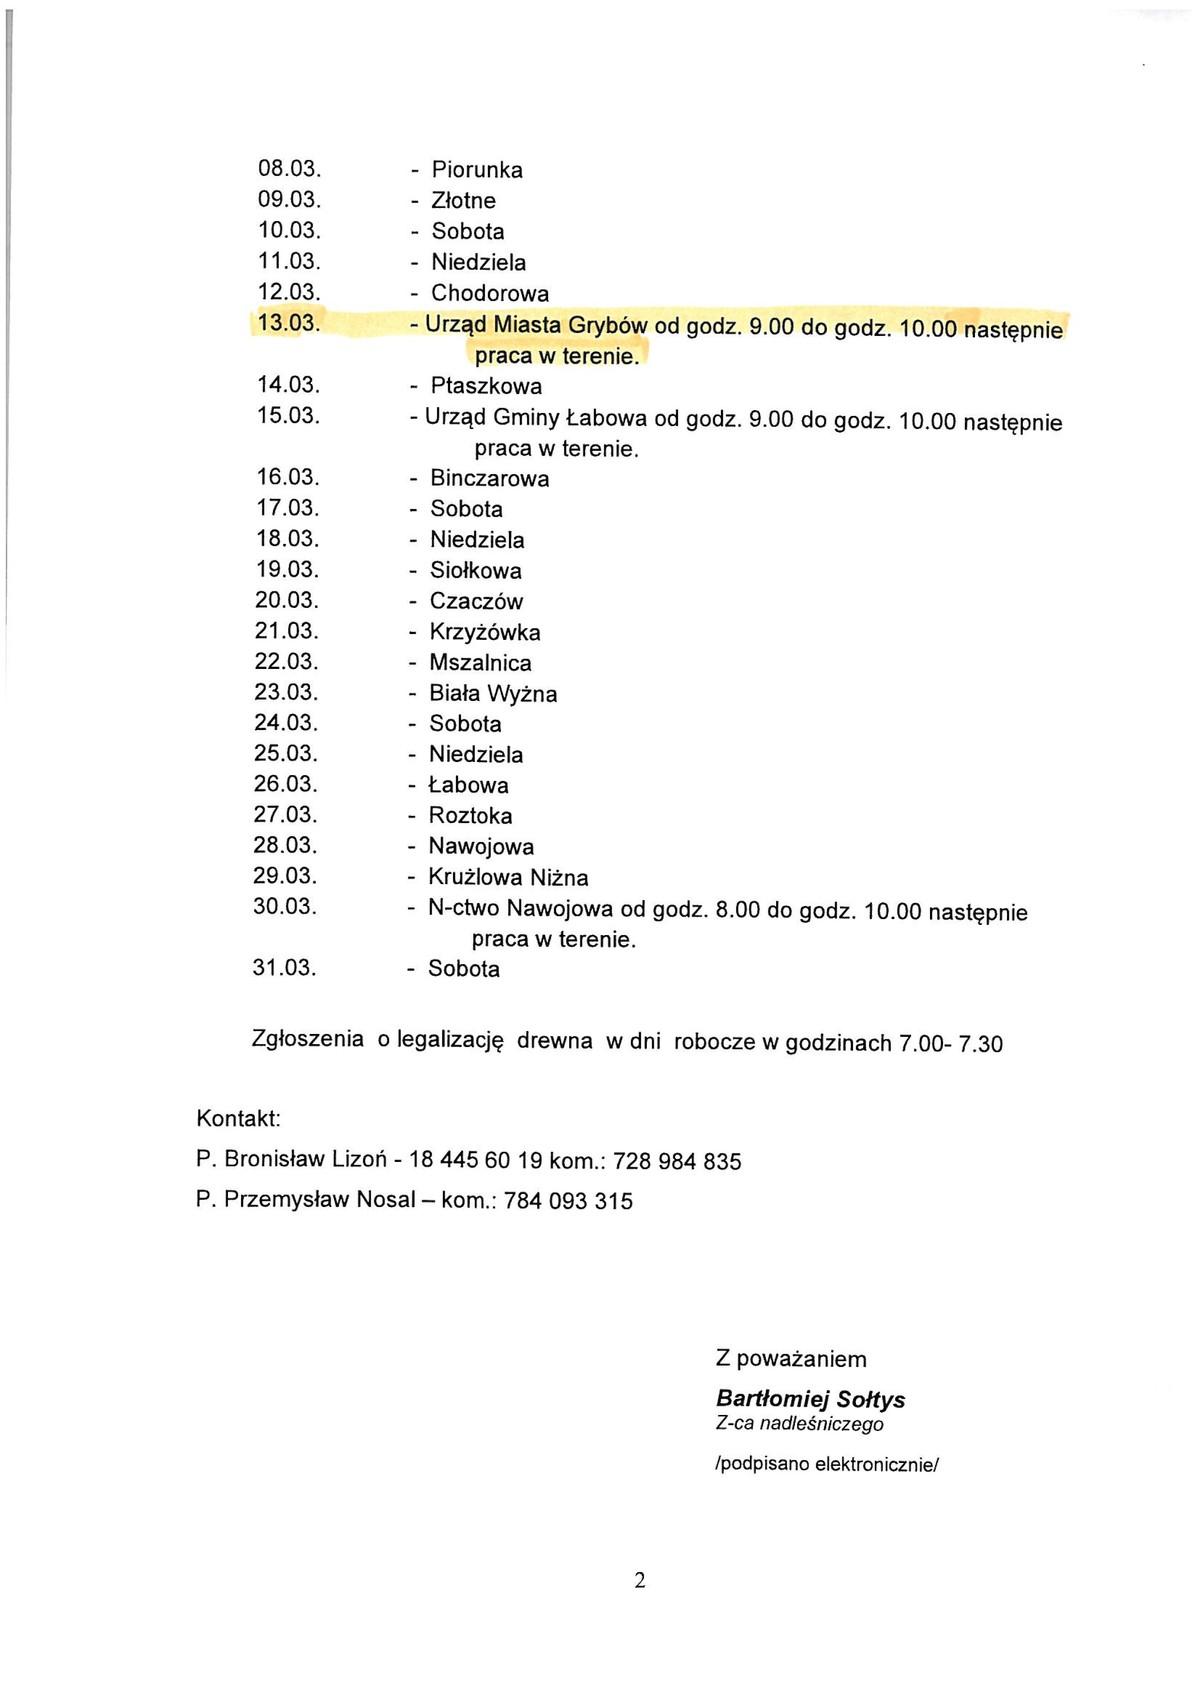 Harmonogram pracy leśniczego (marzec)